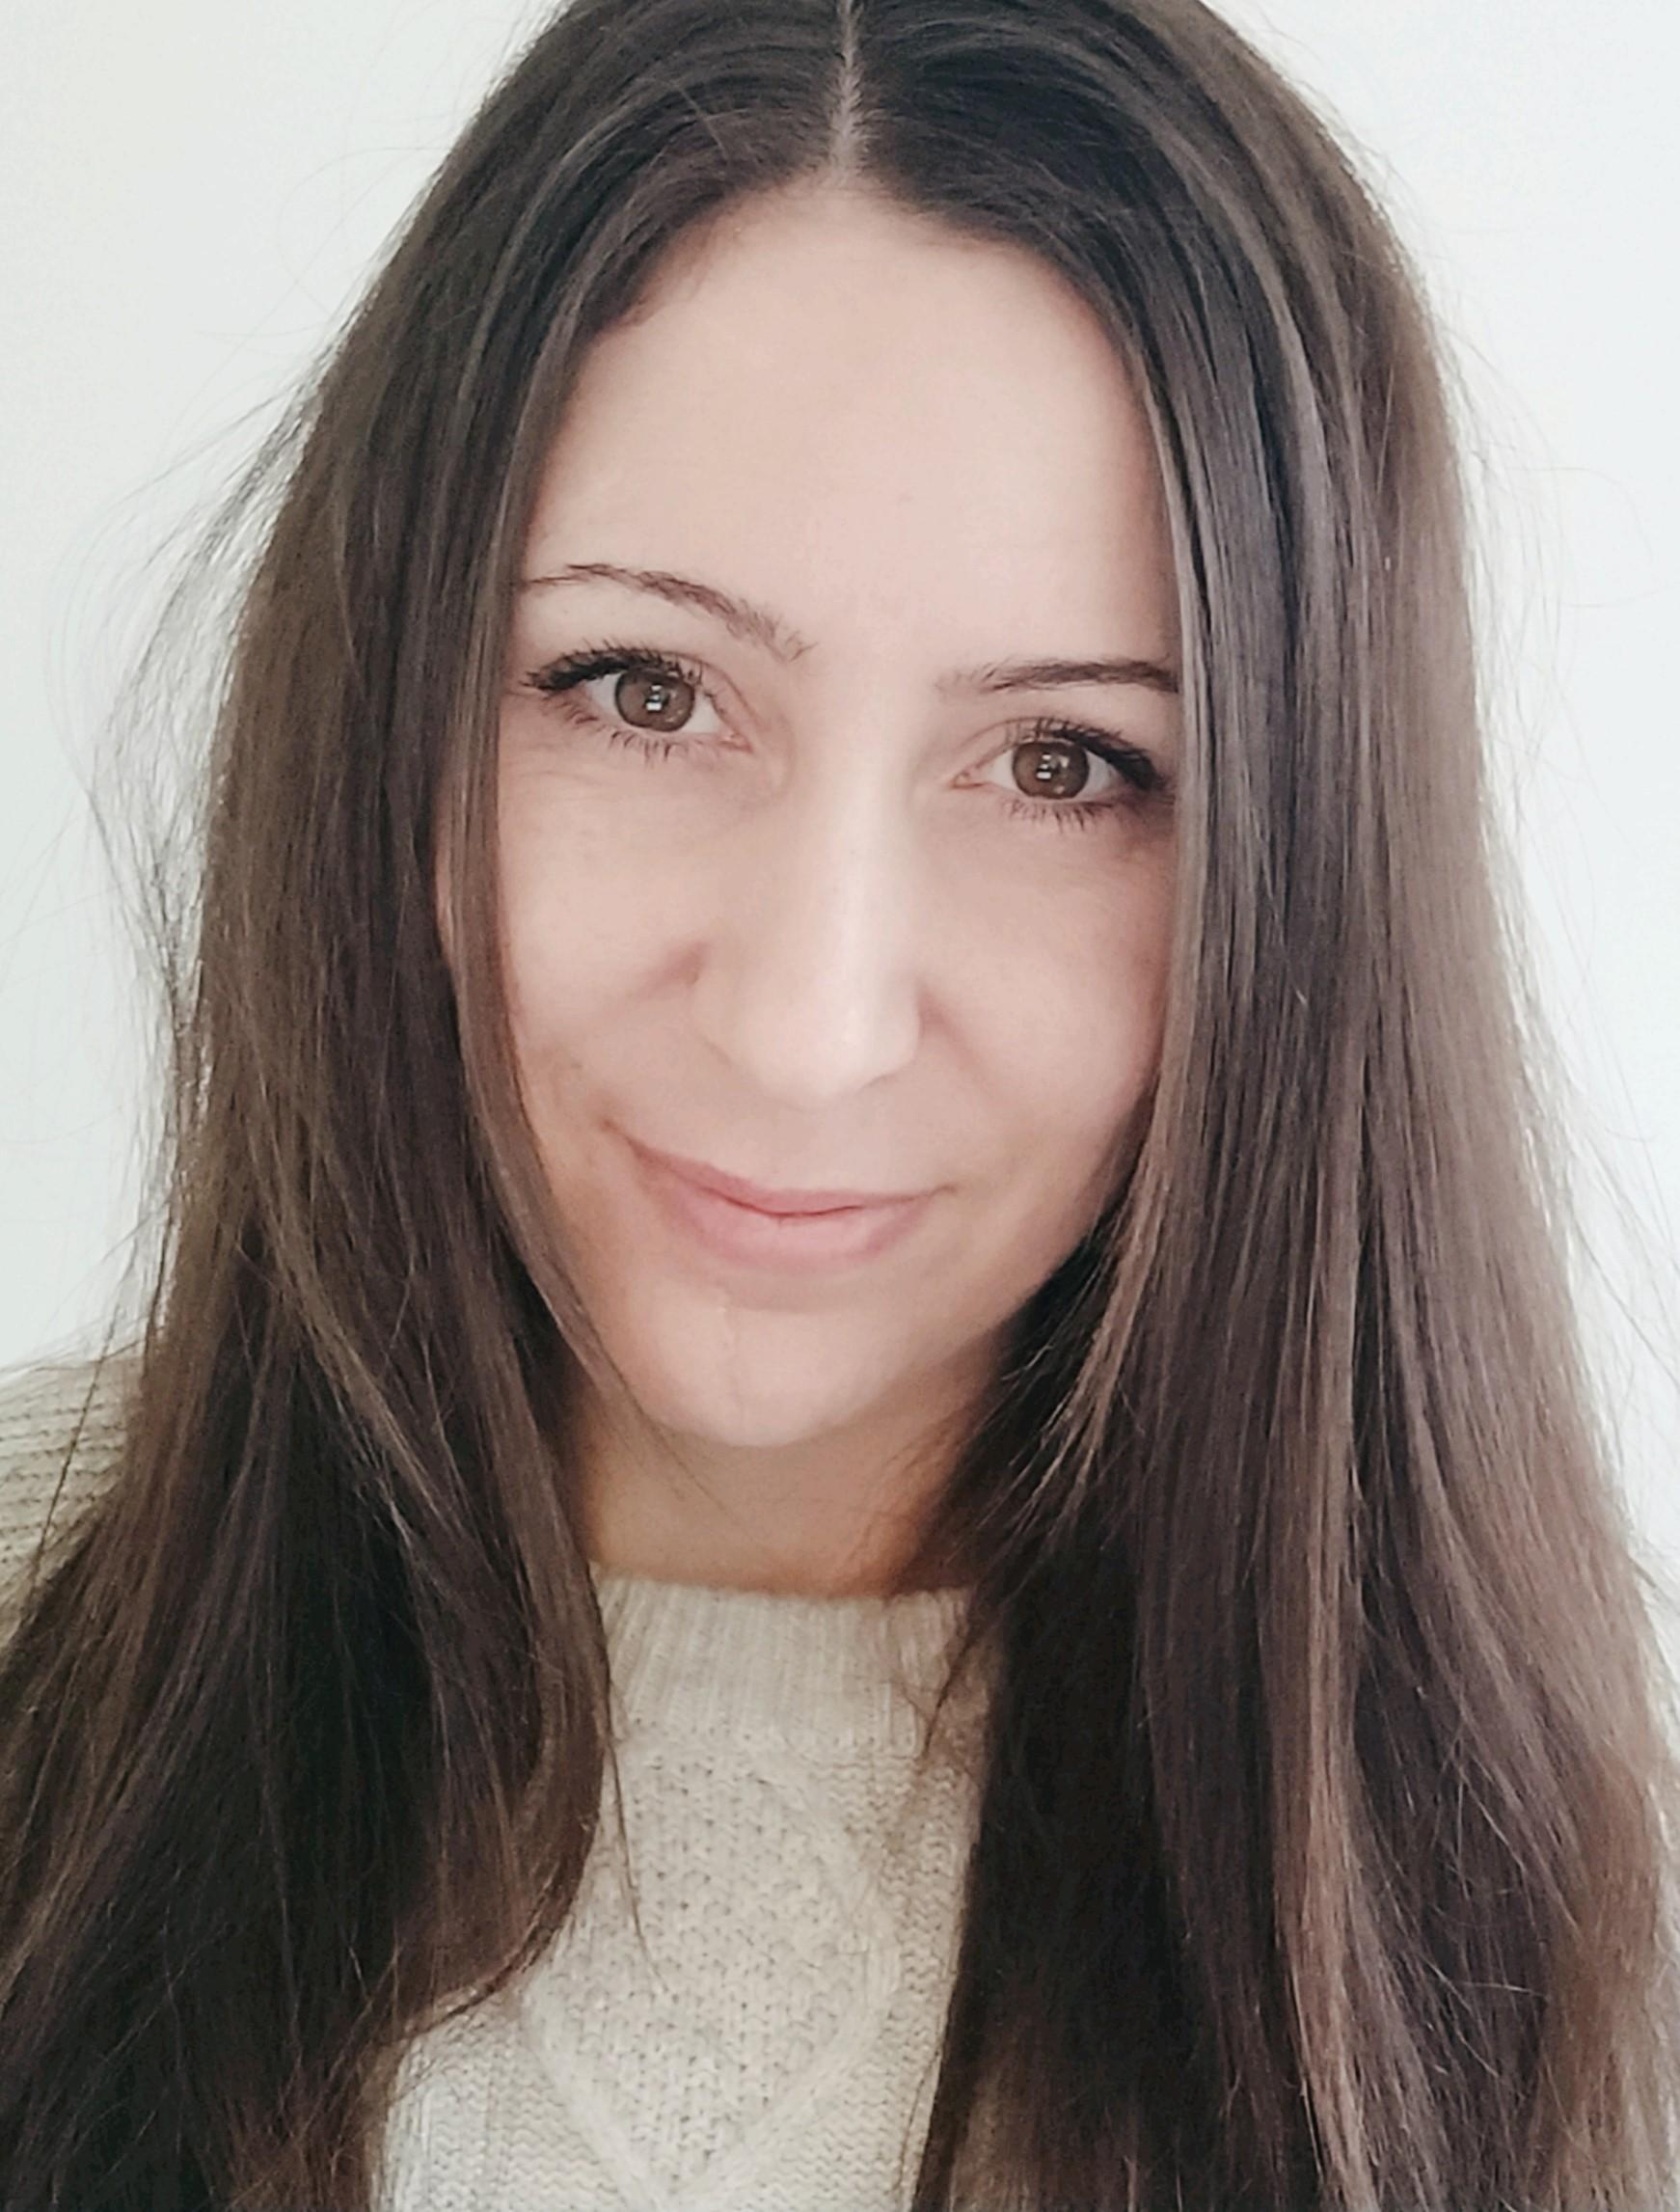 Elisa Nadire Caeli